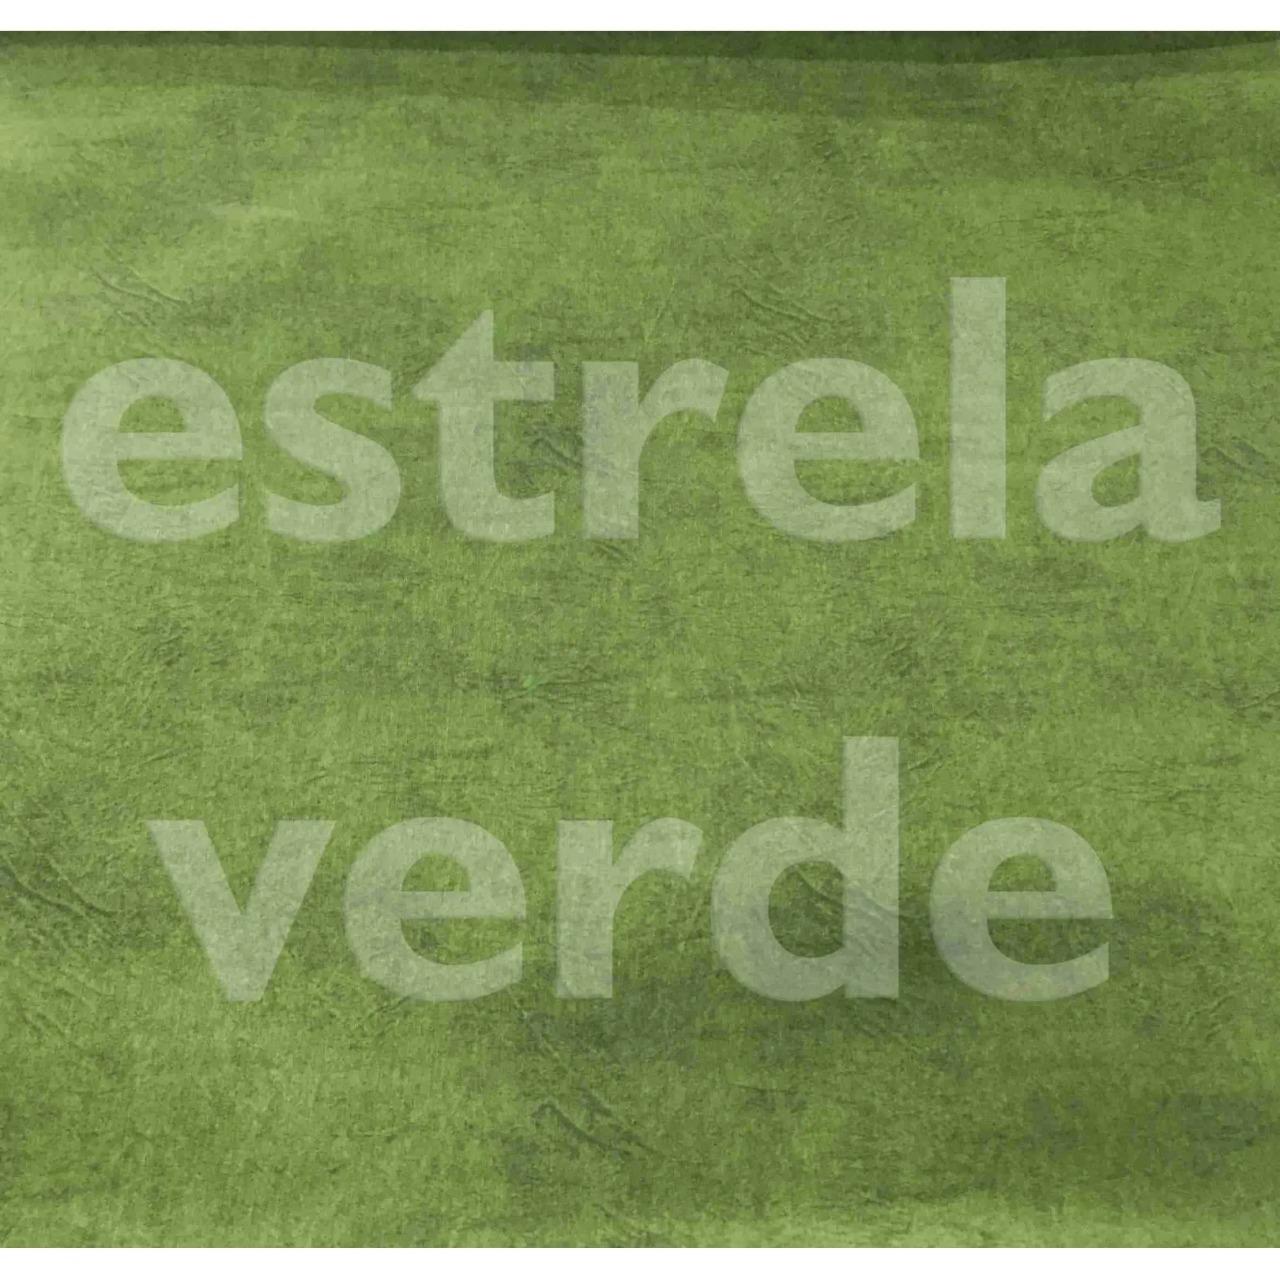 TECIDO IMPERMEAVEL SAPUCAIA VERDE 289030 DESCONTIN  - Estrela Verde